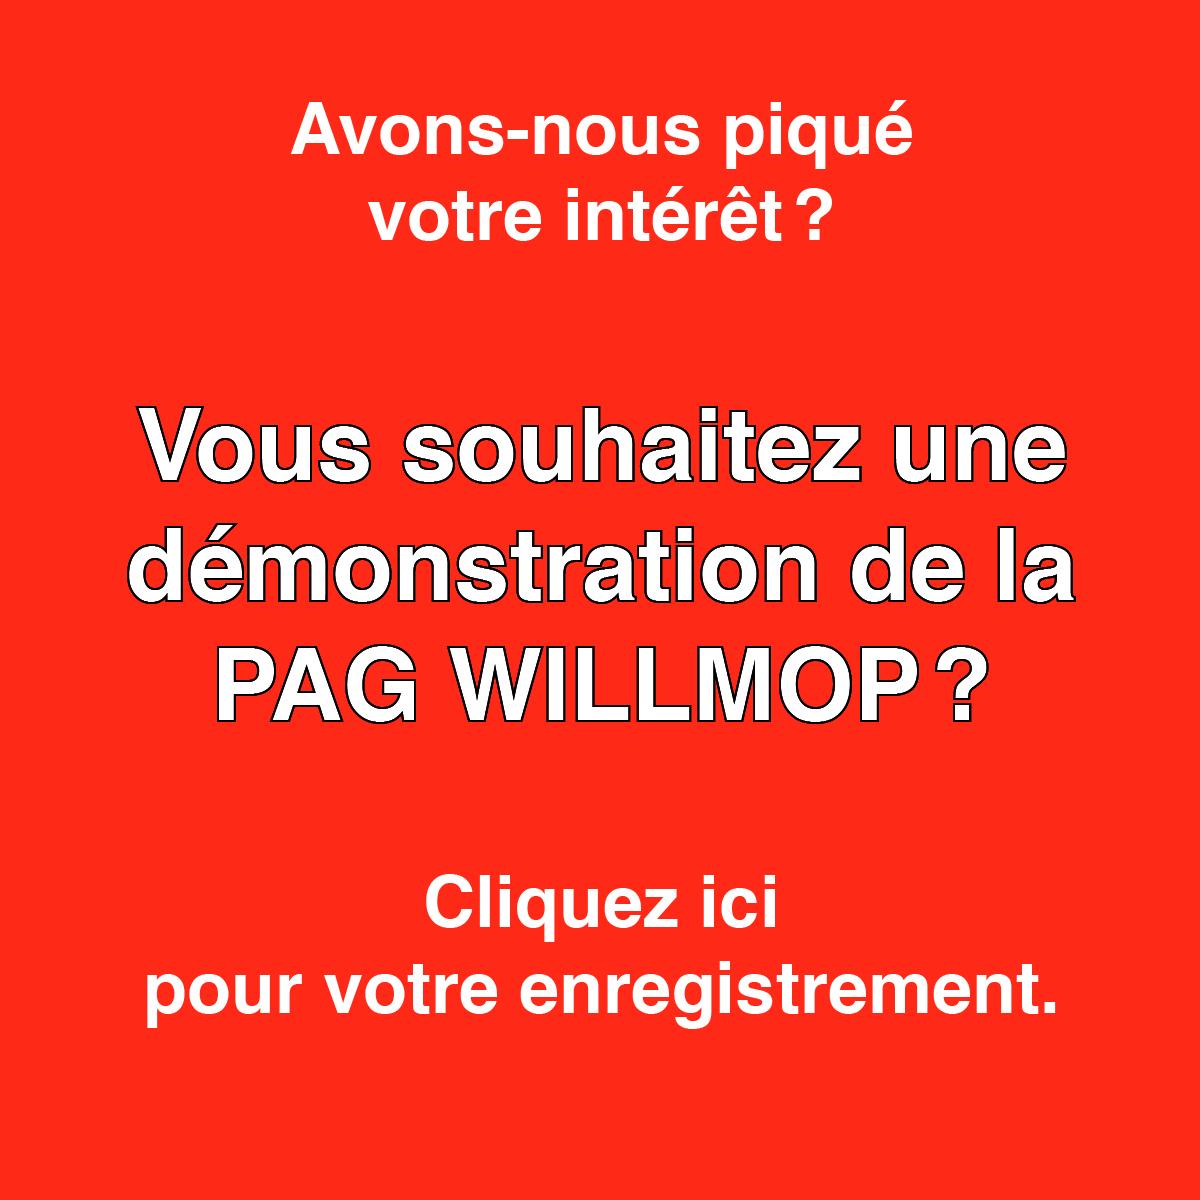 Willmop